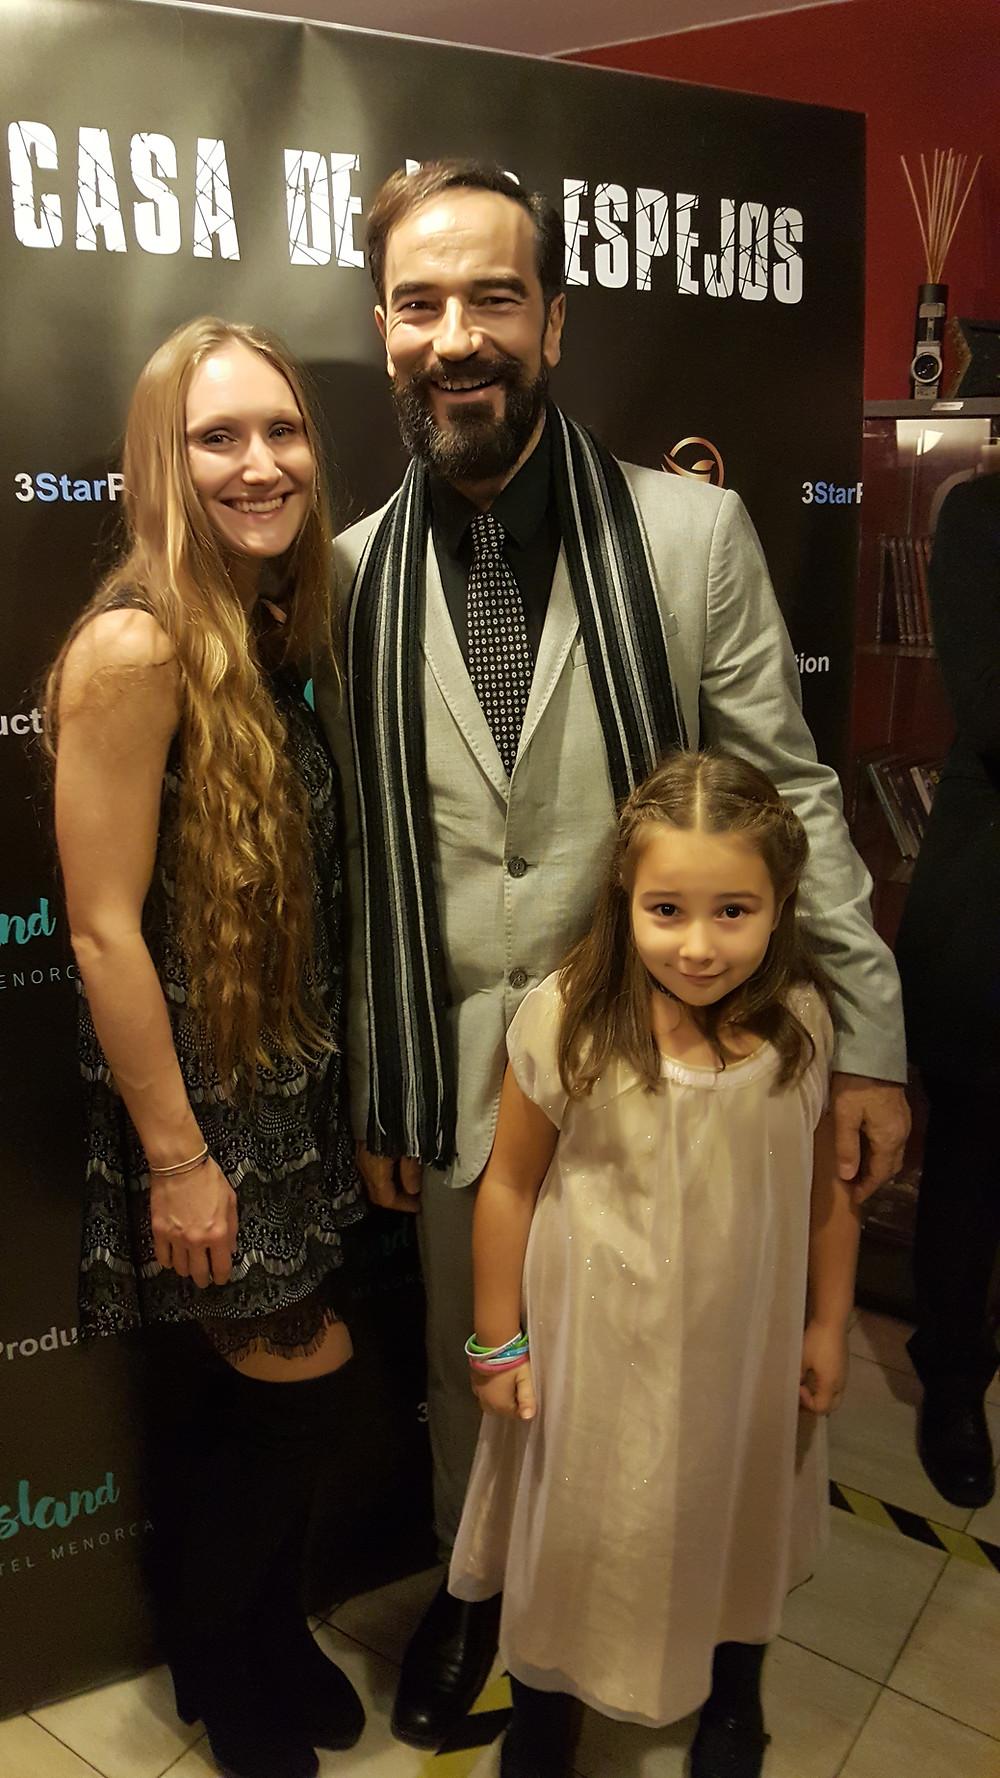 El actor Javier Peña en el Photocall junto a las actrices Alexandra Prokhorova y Olivia Peña.